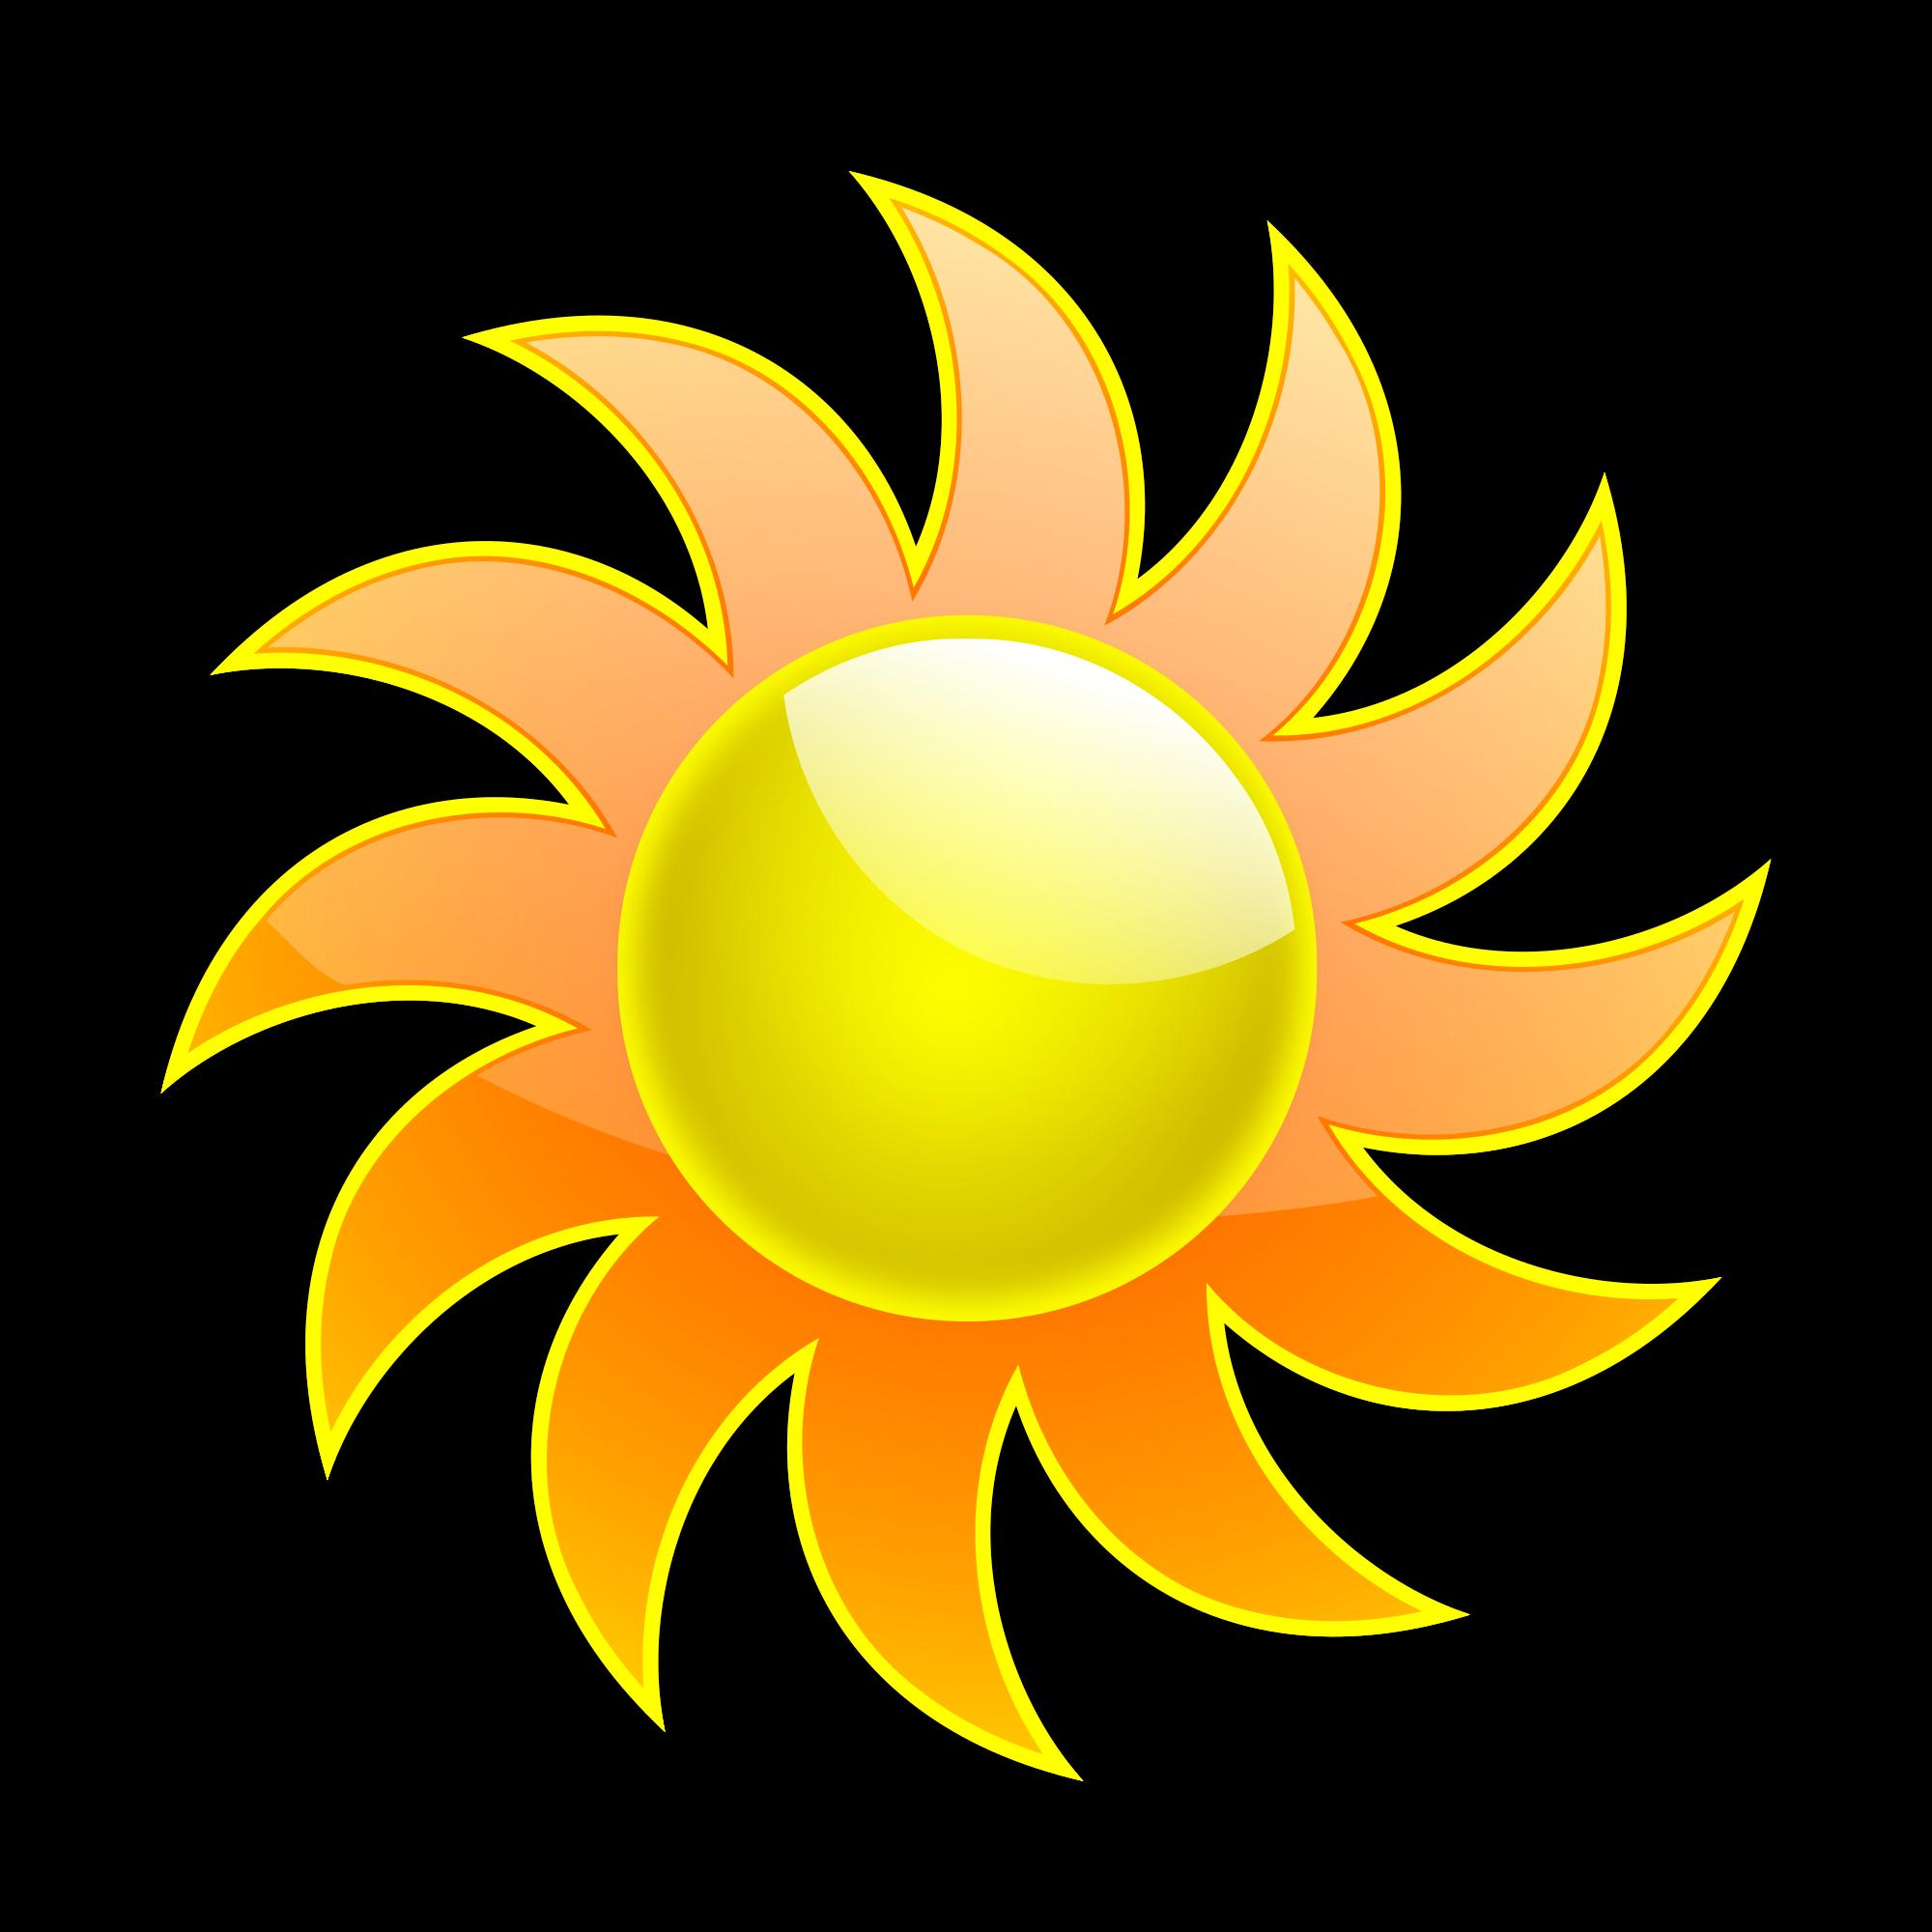 Clipart sun images.